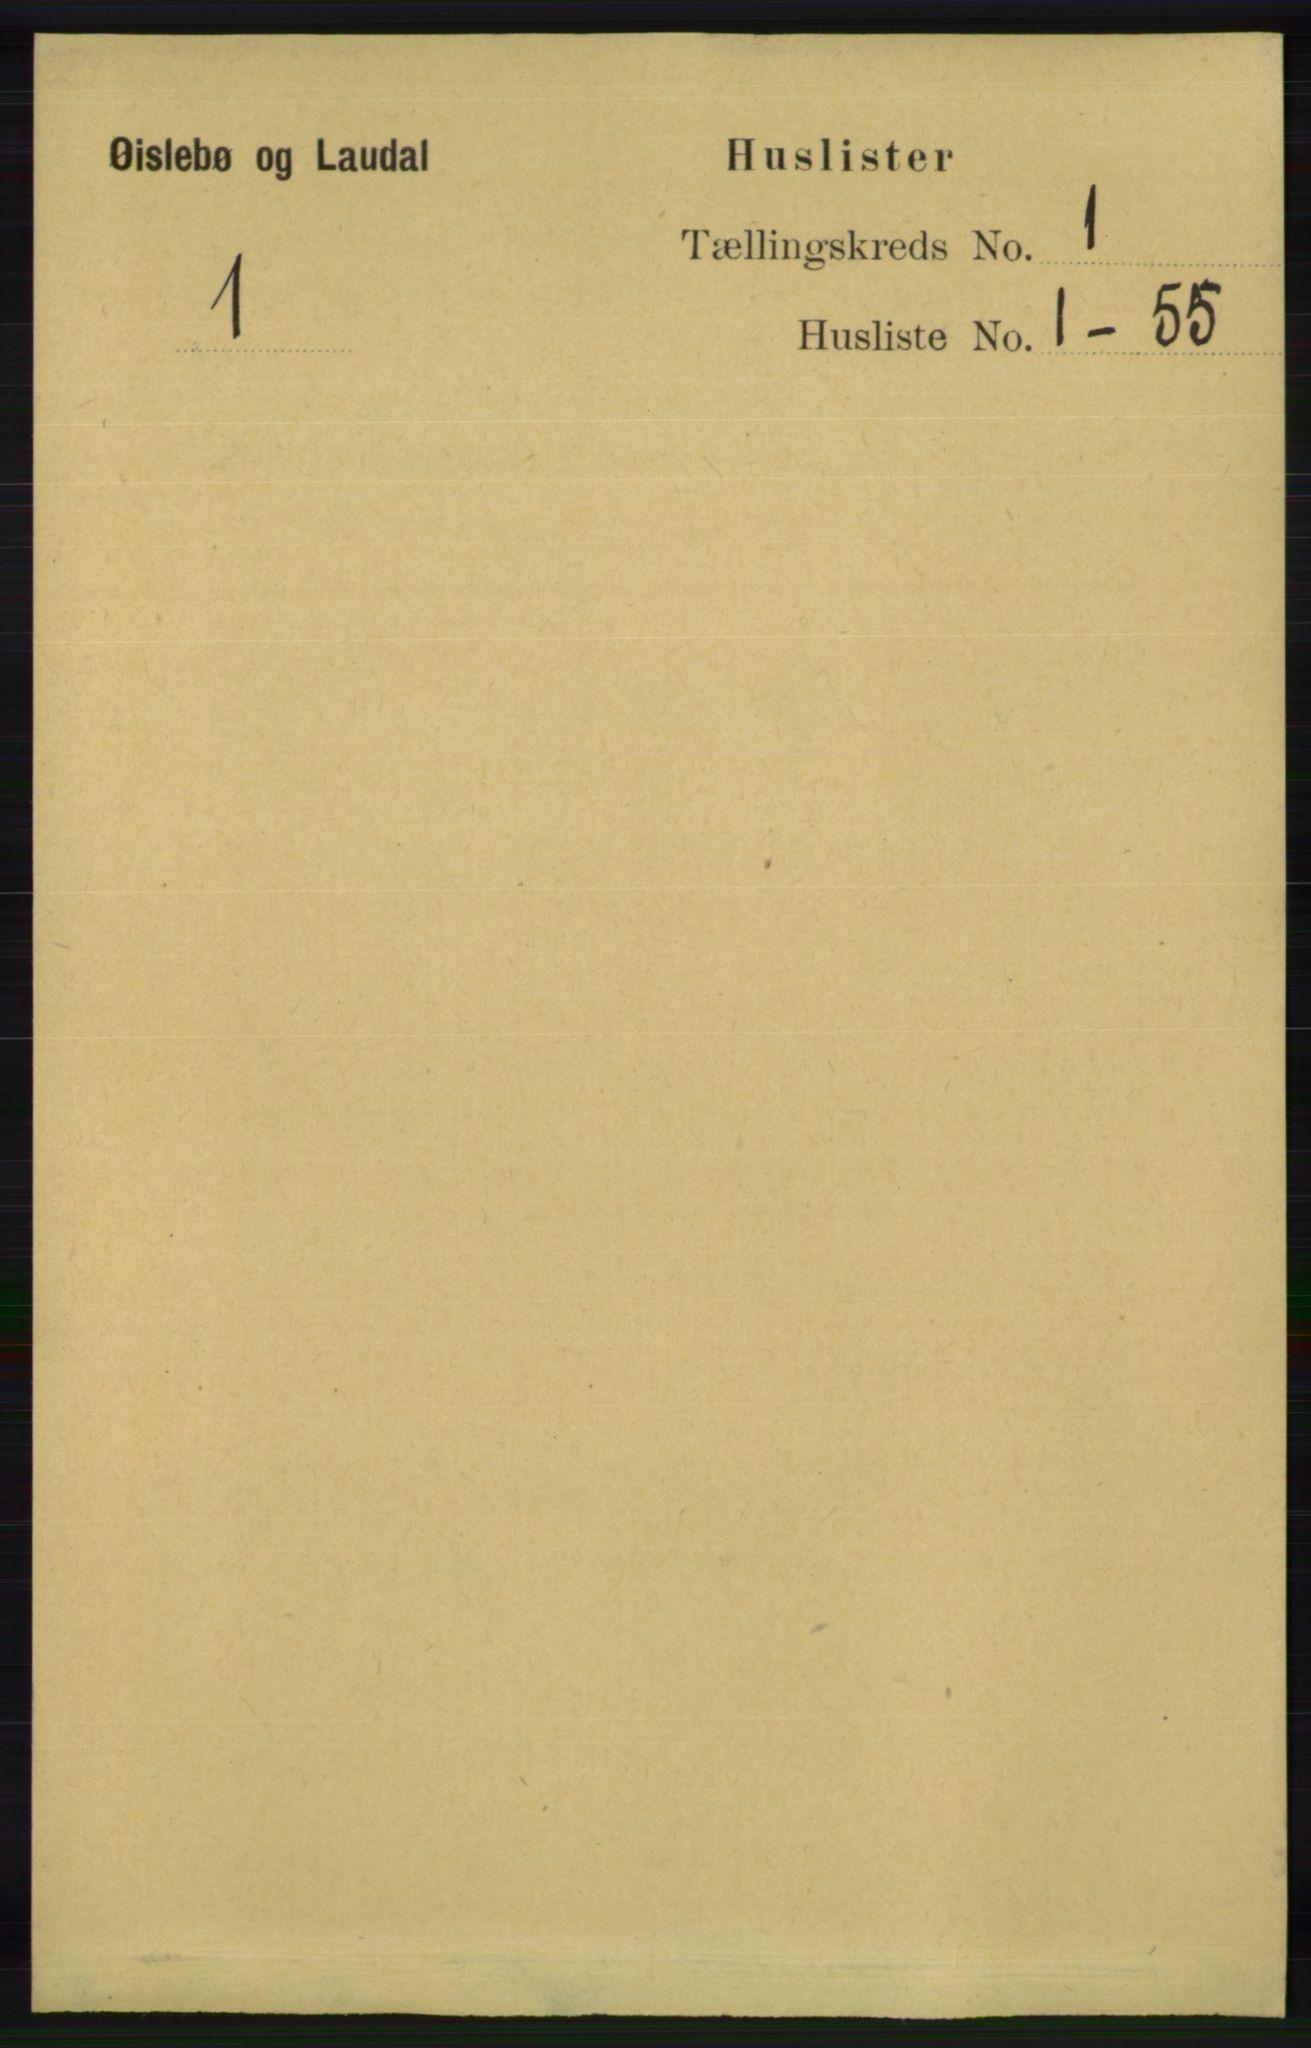 RA, Folketelling 1891 for 1021 Øyslebø og Laudal herred, 1891, s. 23